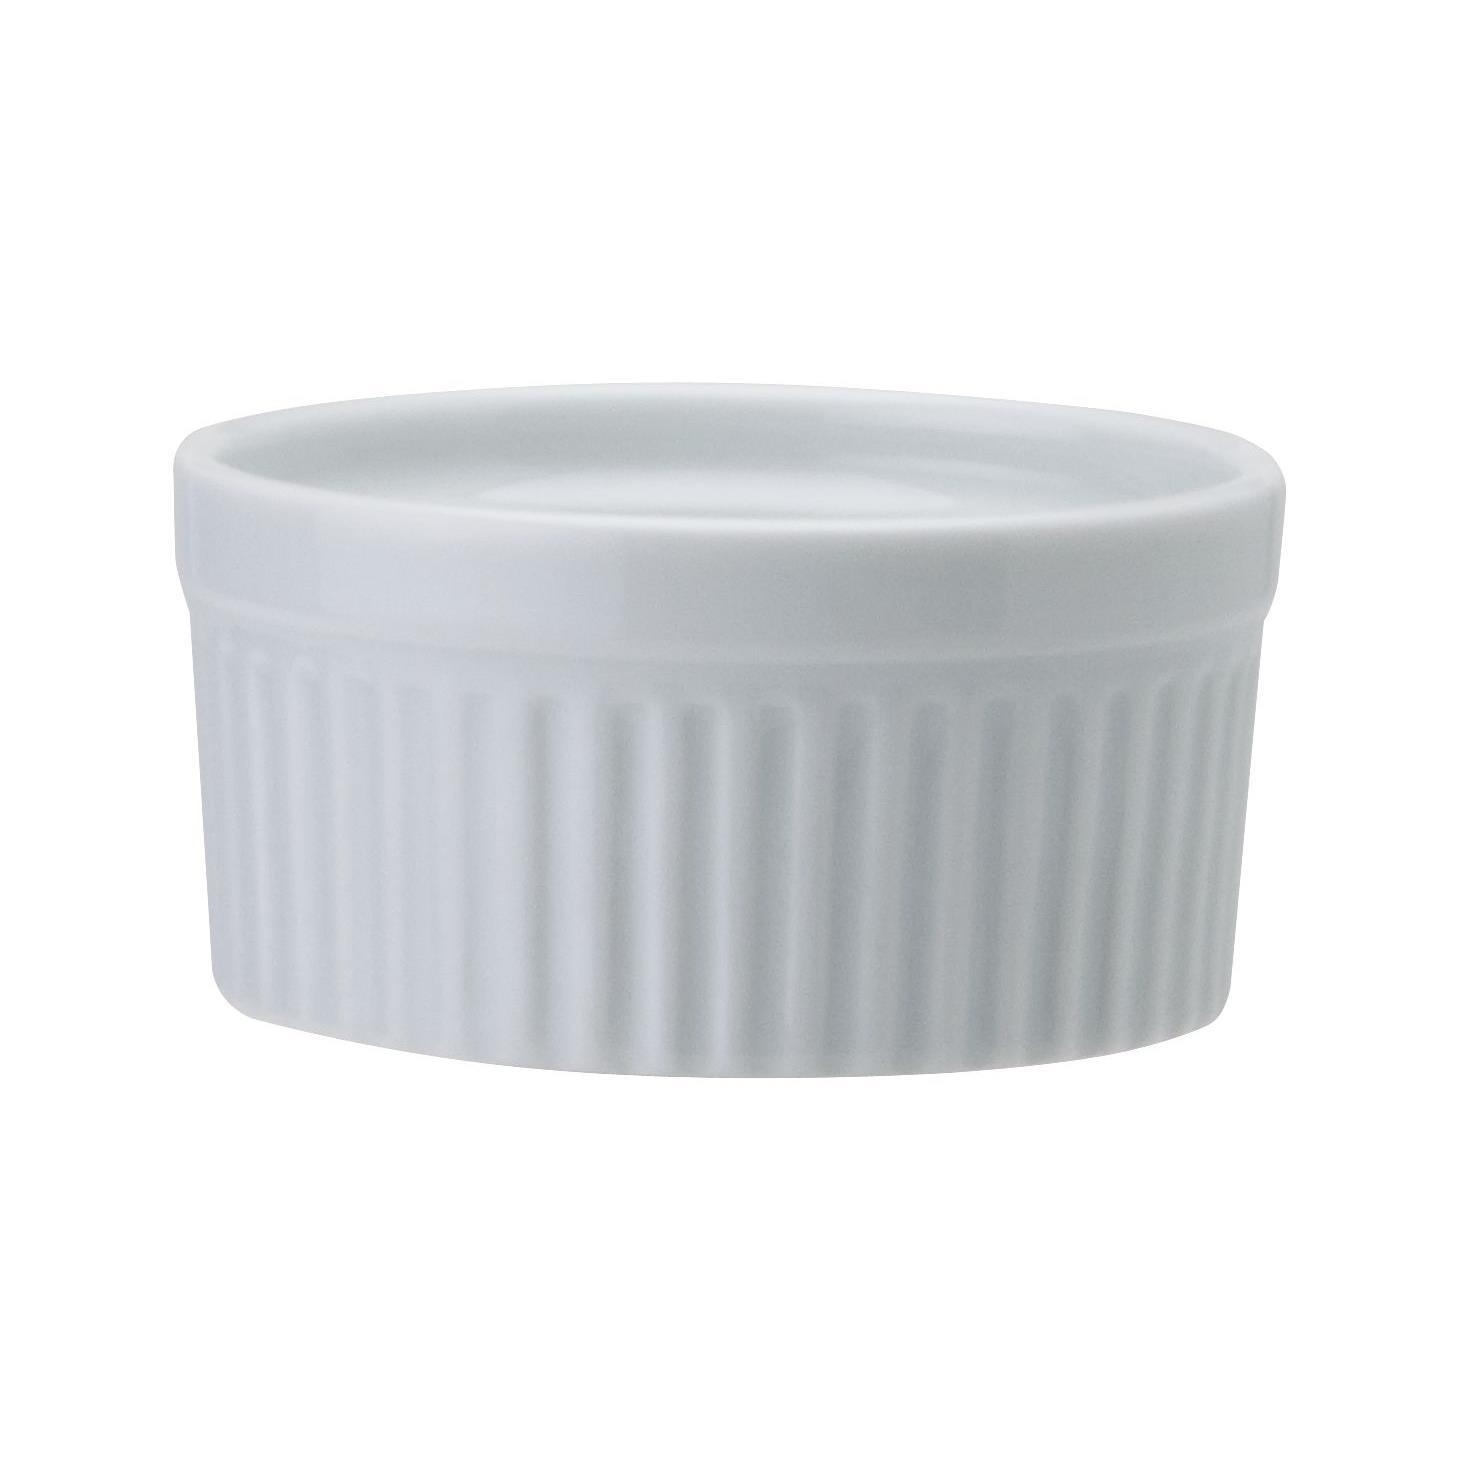 Ramequin de Porcelana Redondo 73 cm Branco - Schmidt